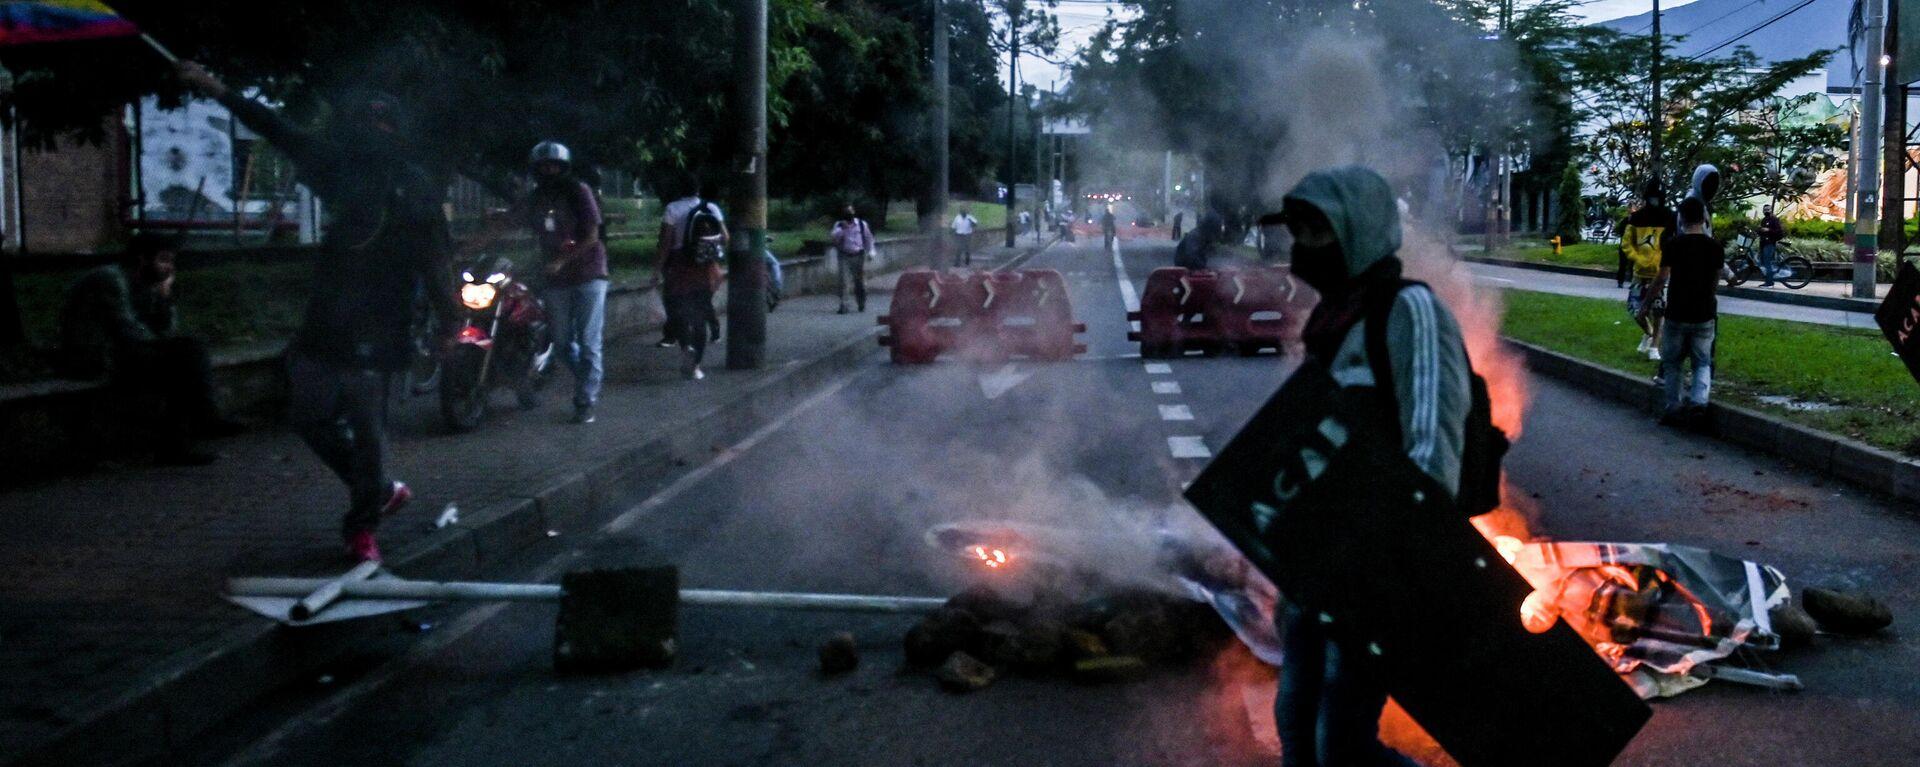 Carretera bloqueada en Medellín, Colombia - Sputnik Mundo, 1920, 02.06.2021